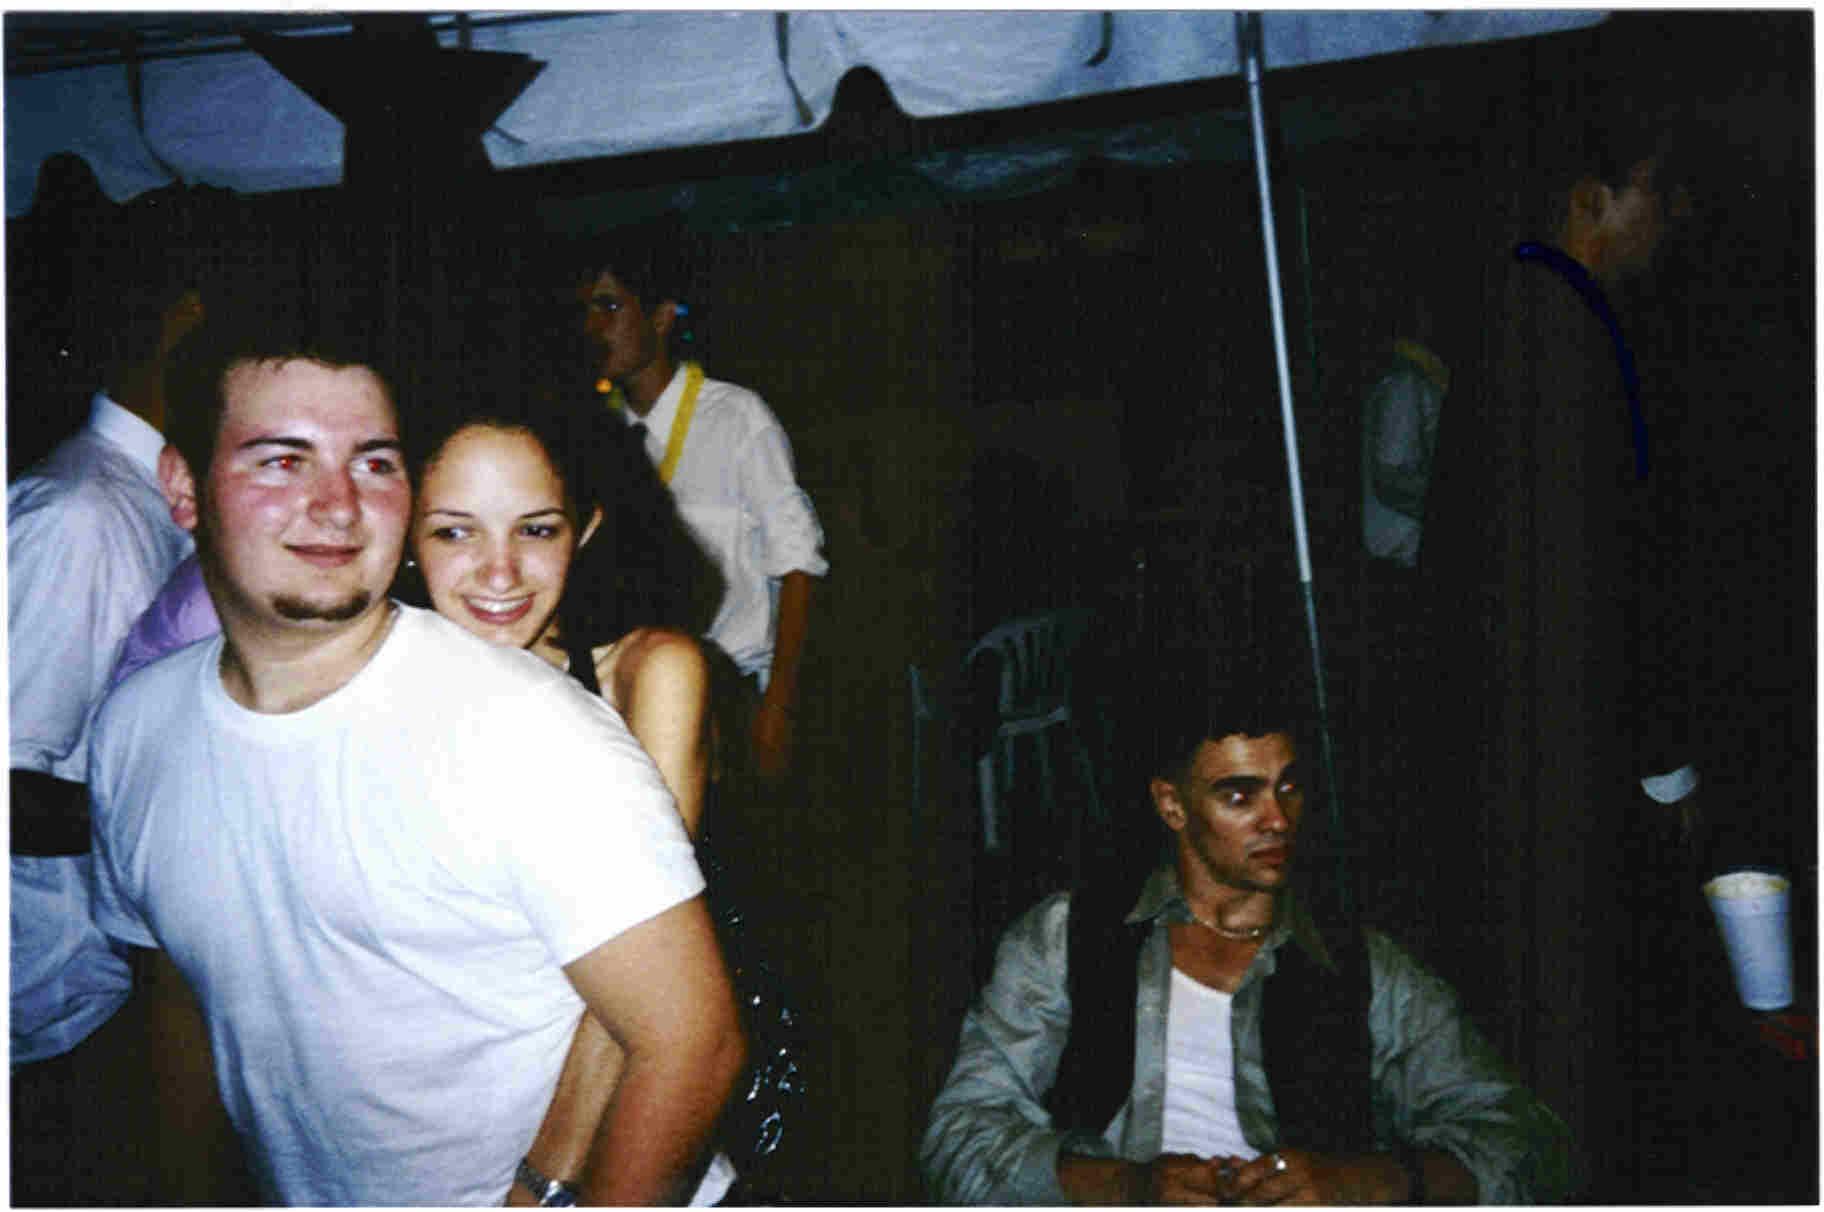 Viza, Daniela, and Nate Dawg.